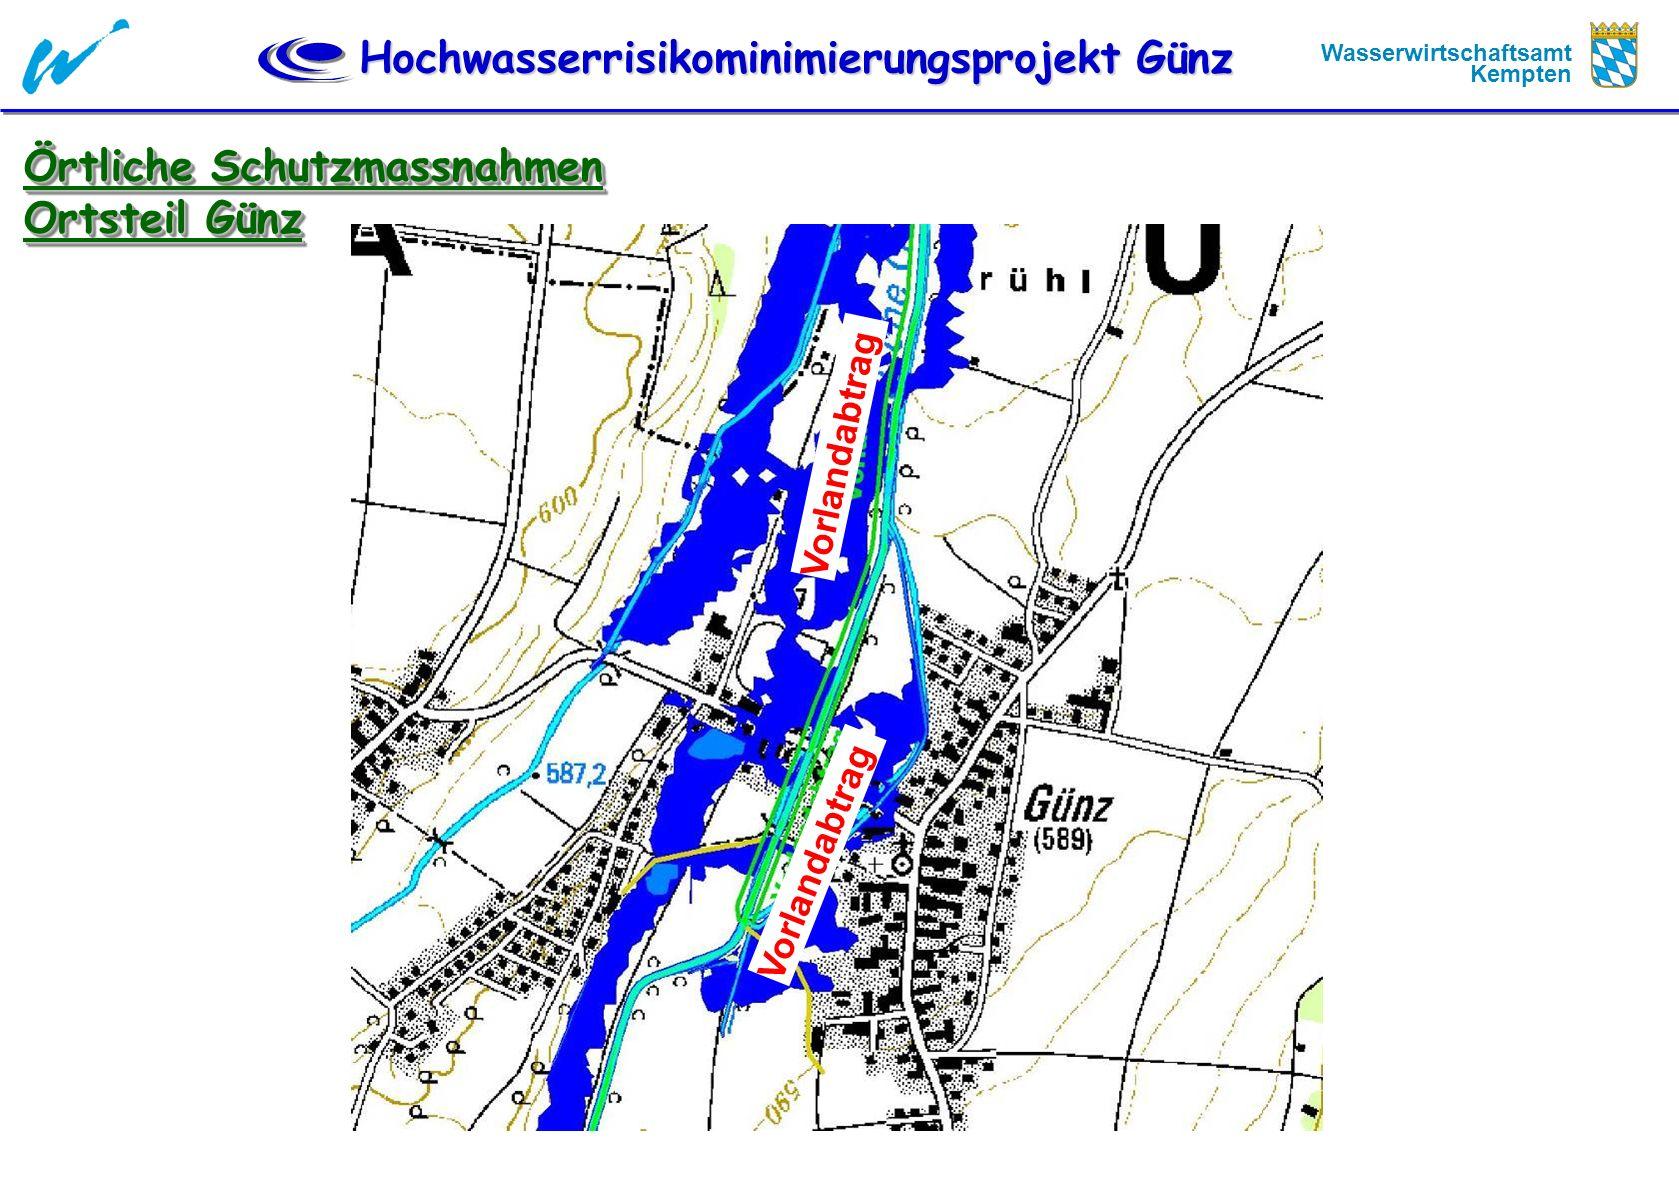 Örtliche Schutzmassnahmen Ortsteil Günz